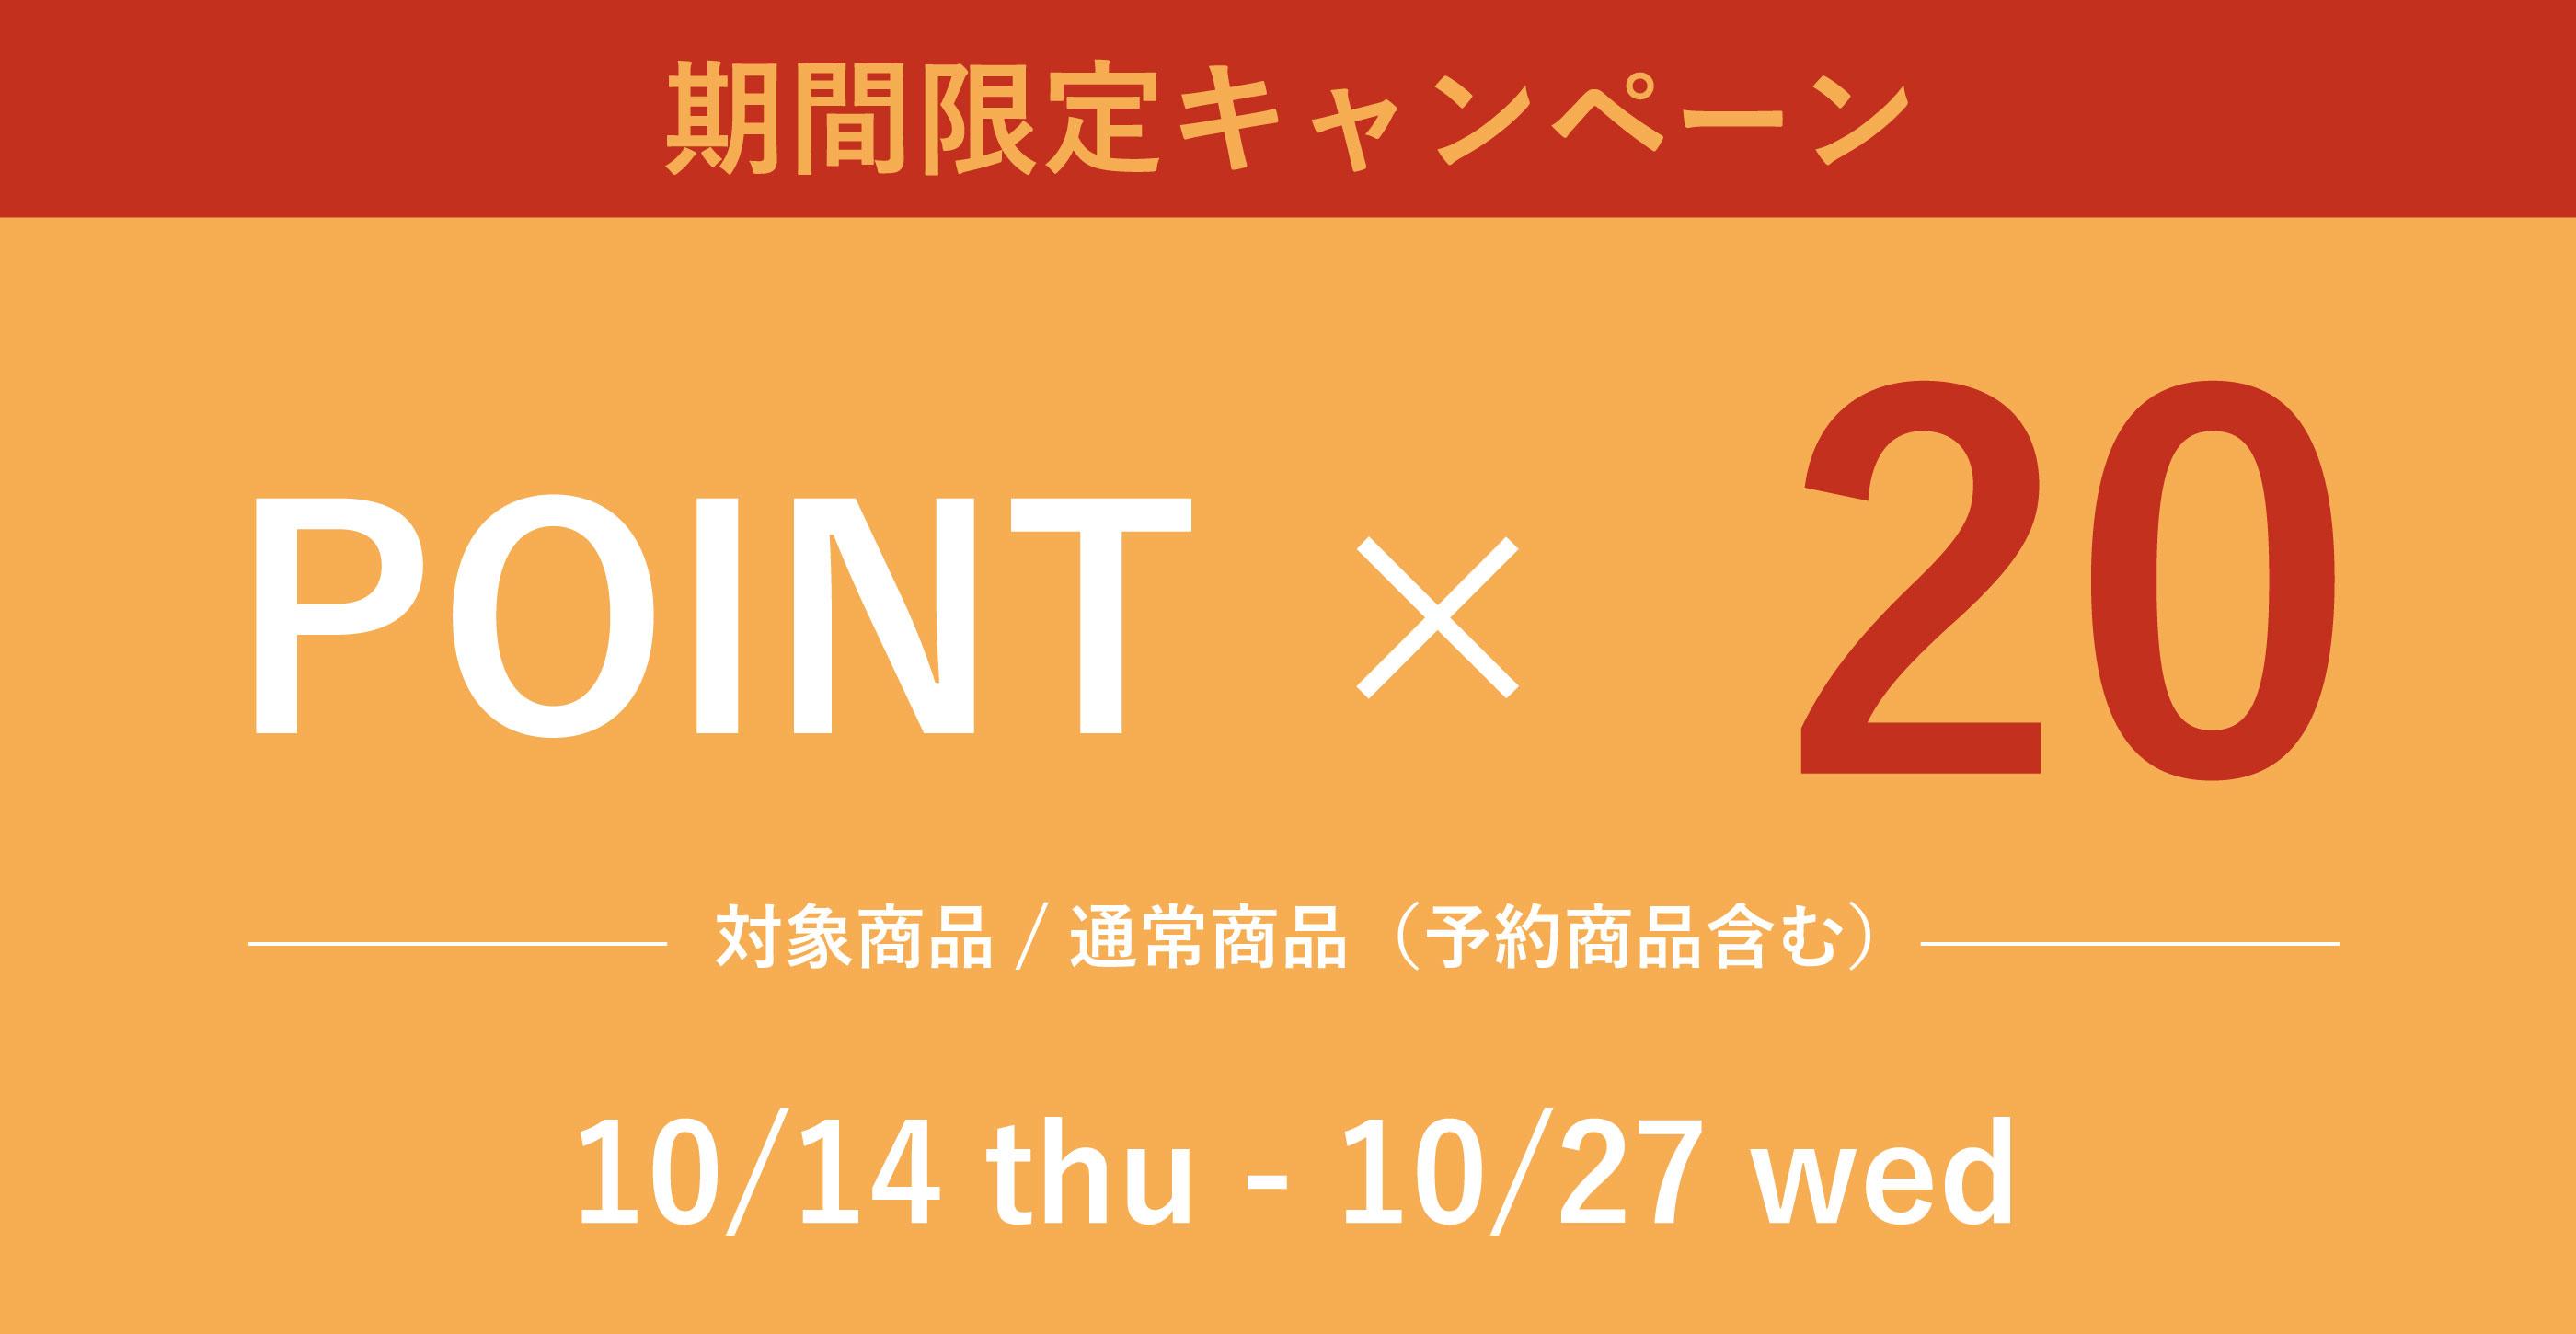 期間限定 ポイント20倍キャンペーン開催!10/27(水)まで